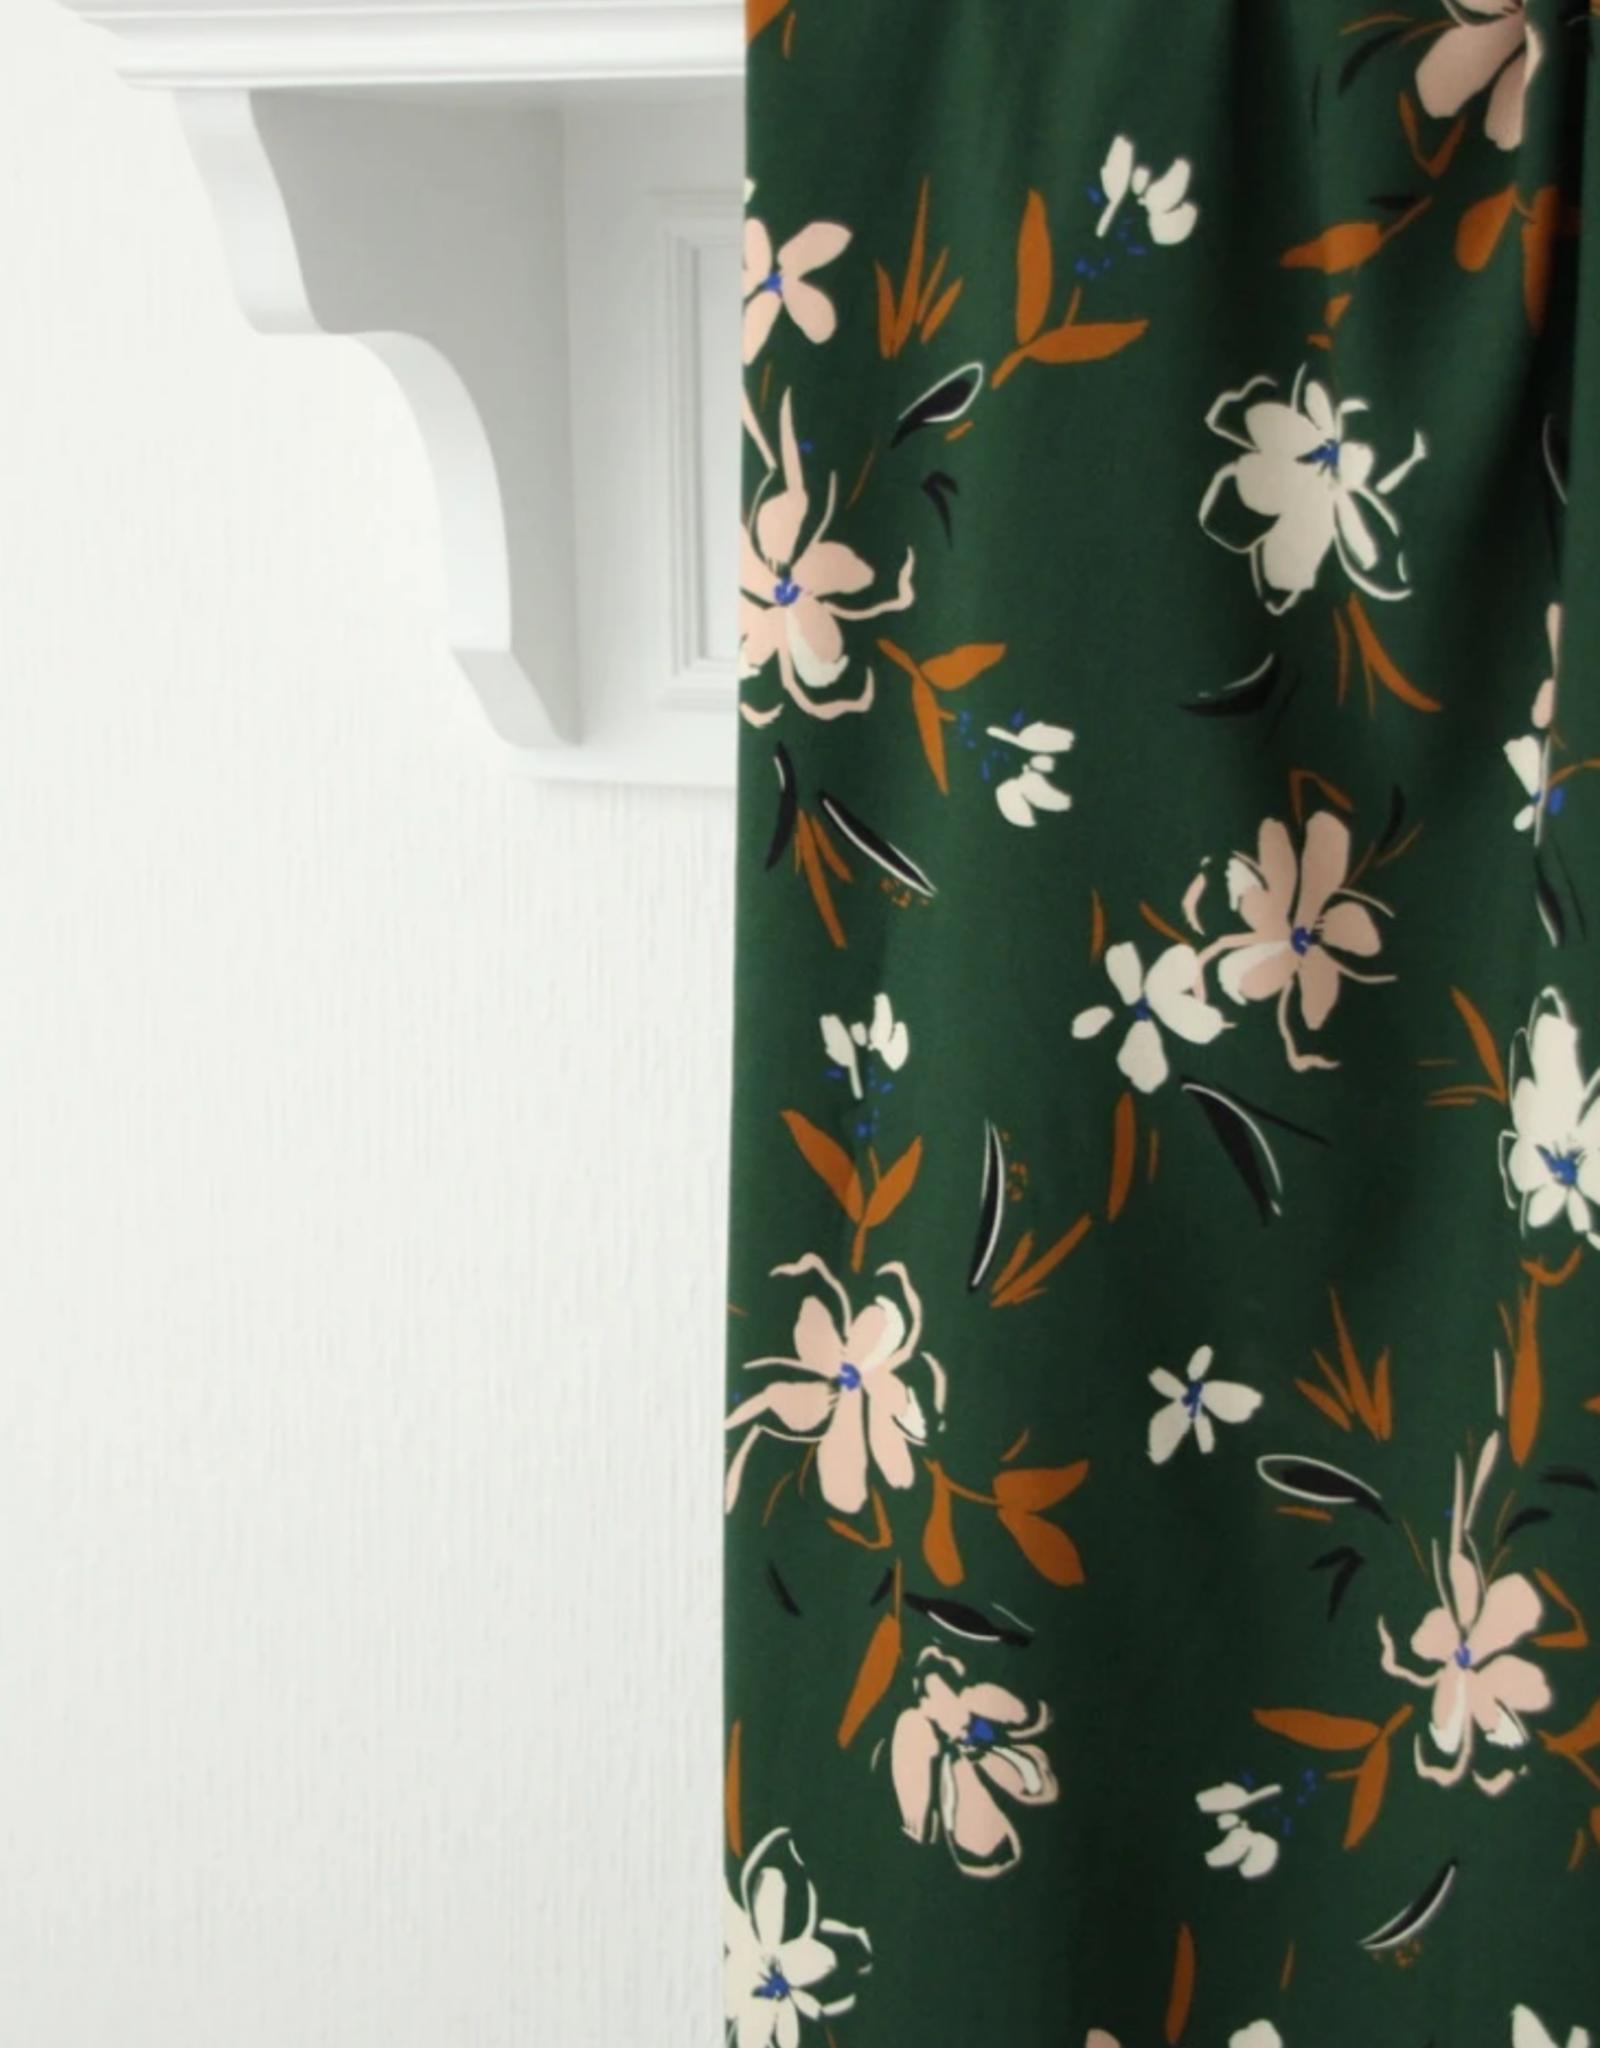 Atelier Jupe Atelier jupe - Bosgroene viscose met zachtroze bloemen